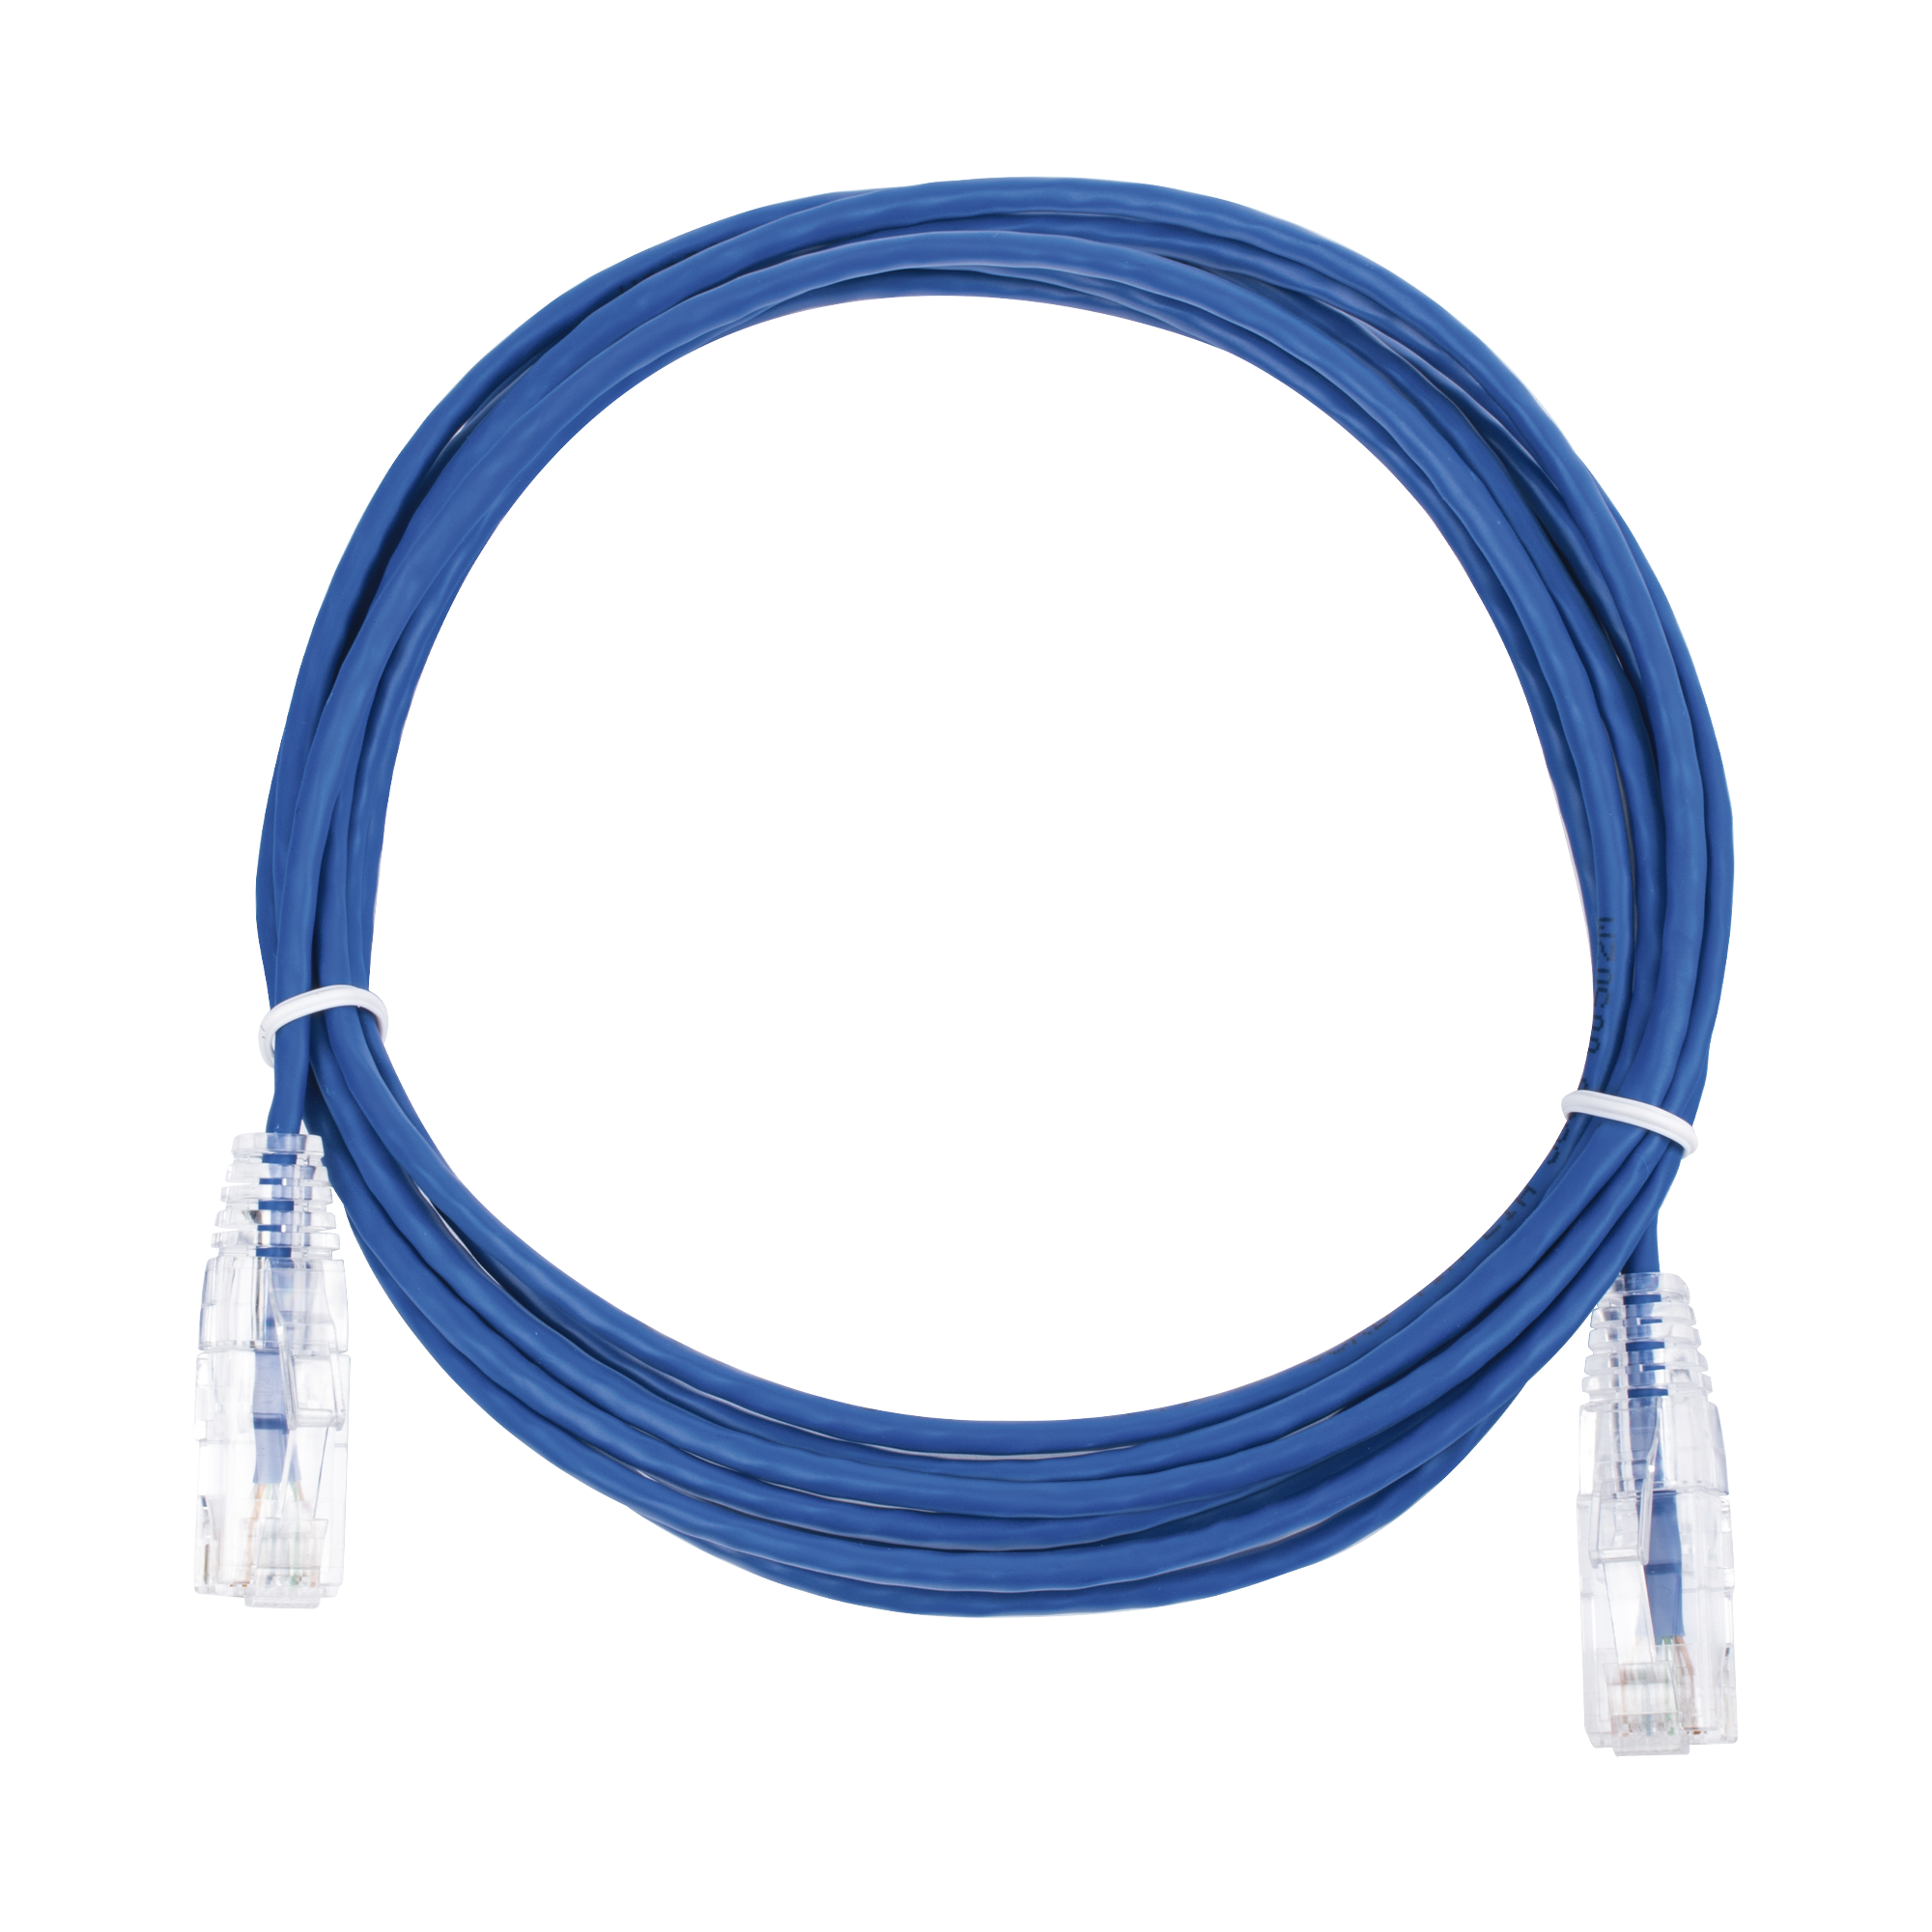 Cable de Parcheo Slim UTP Cat6 - 3 m Azul Diámetro Reducido (28 AWG)